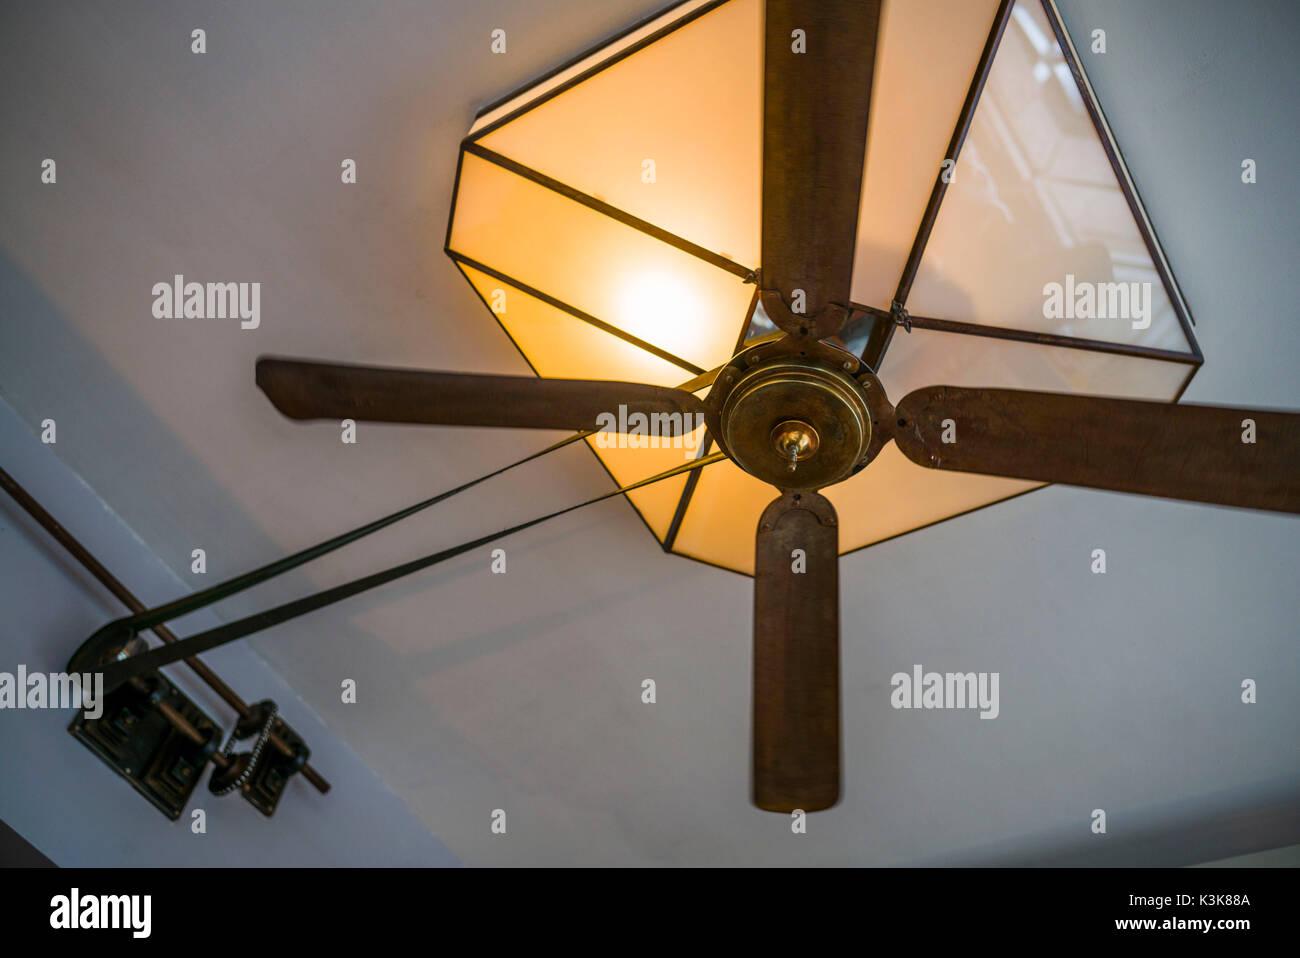 Niederlande, Amsterdam, Östliches Hafengebiet, alten mechanischen Lüfter auf Cafe ceiing Stockbild